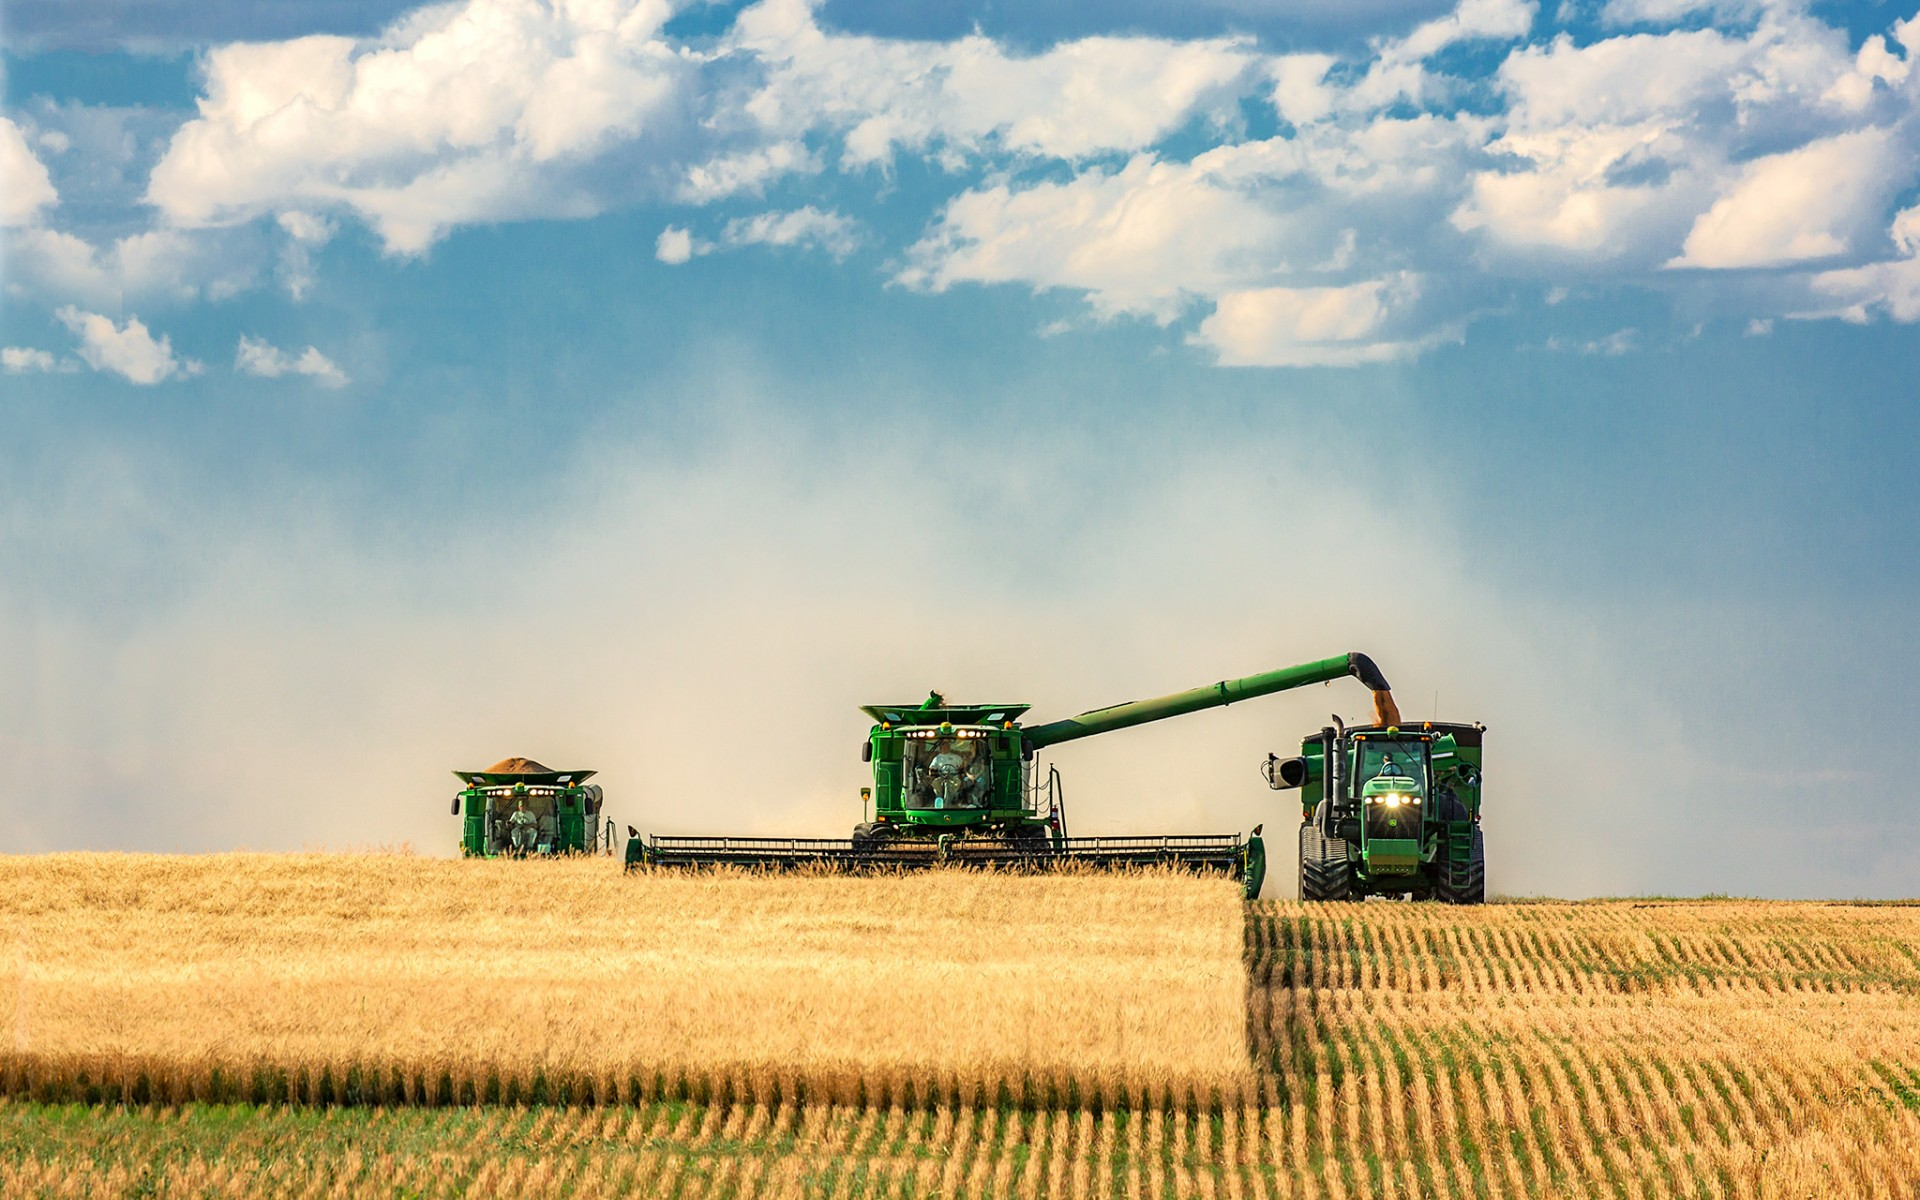 granja_cultivos_cosechadora_tractor_20160323_1139758059